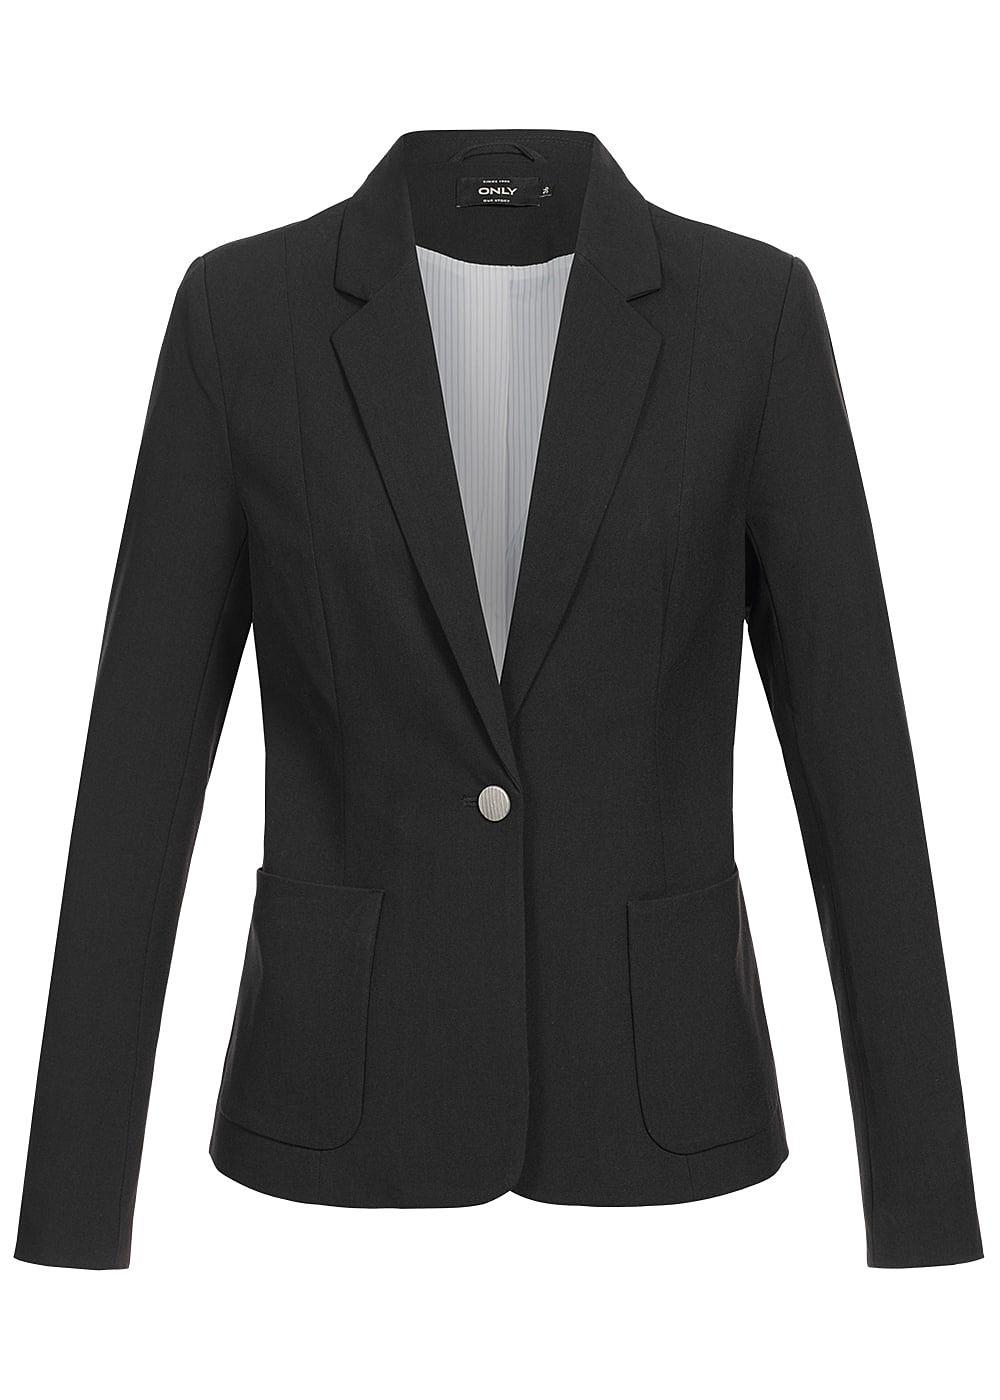 only damen blazer 2 taschen 1 knopf schulterpolster schwarz 77onlineshop. Black Bedroom Furniture Sets. Home Design Ideas